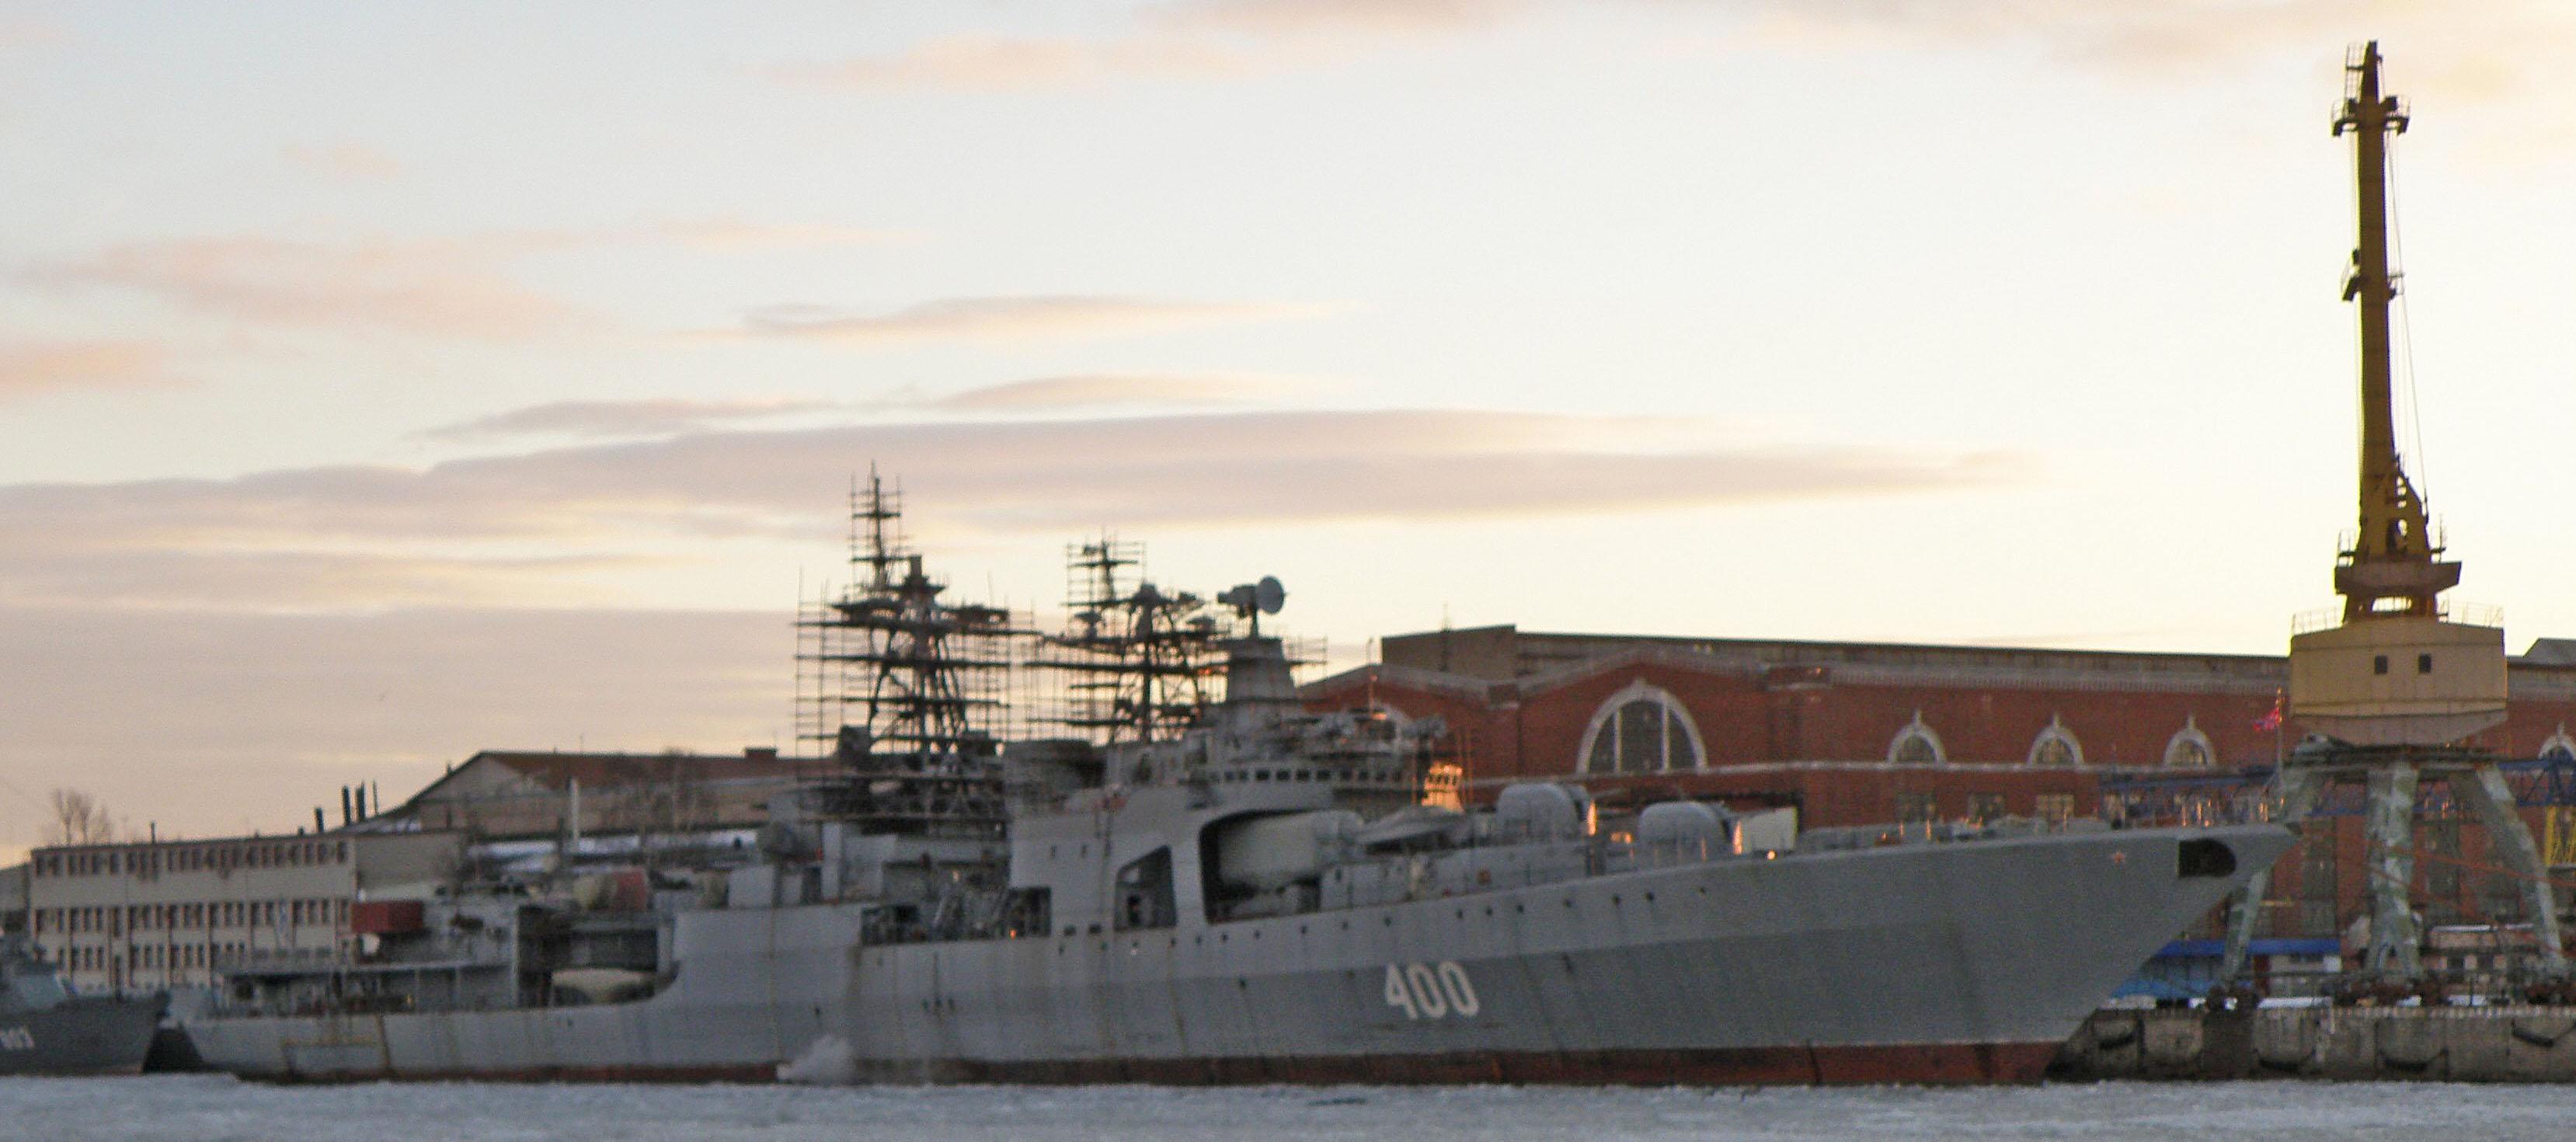 Northern Shipyard fotki-yandex larisamoro.jpg